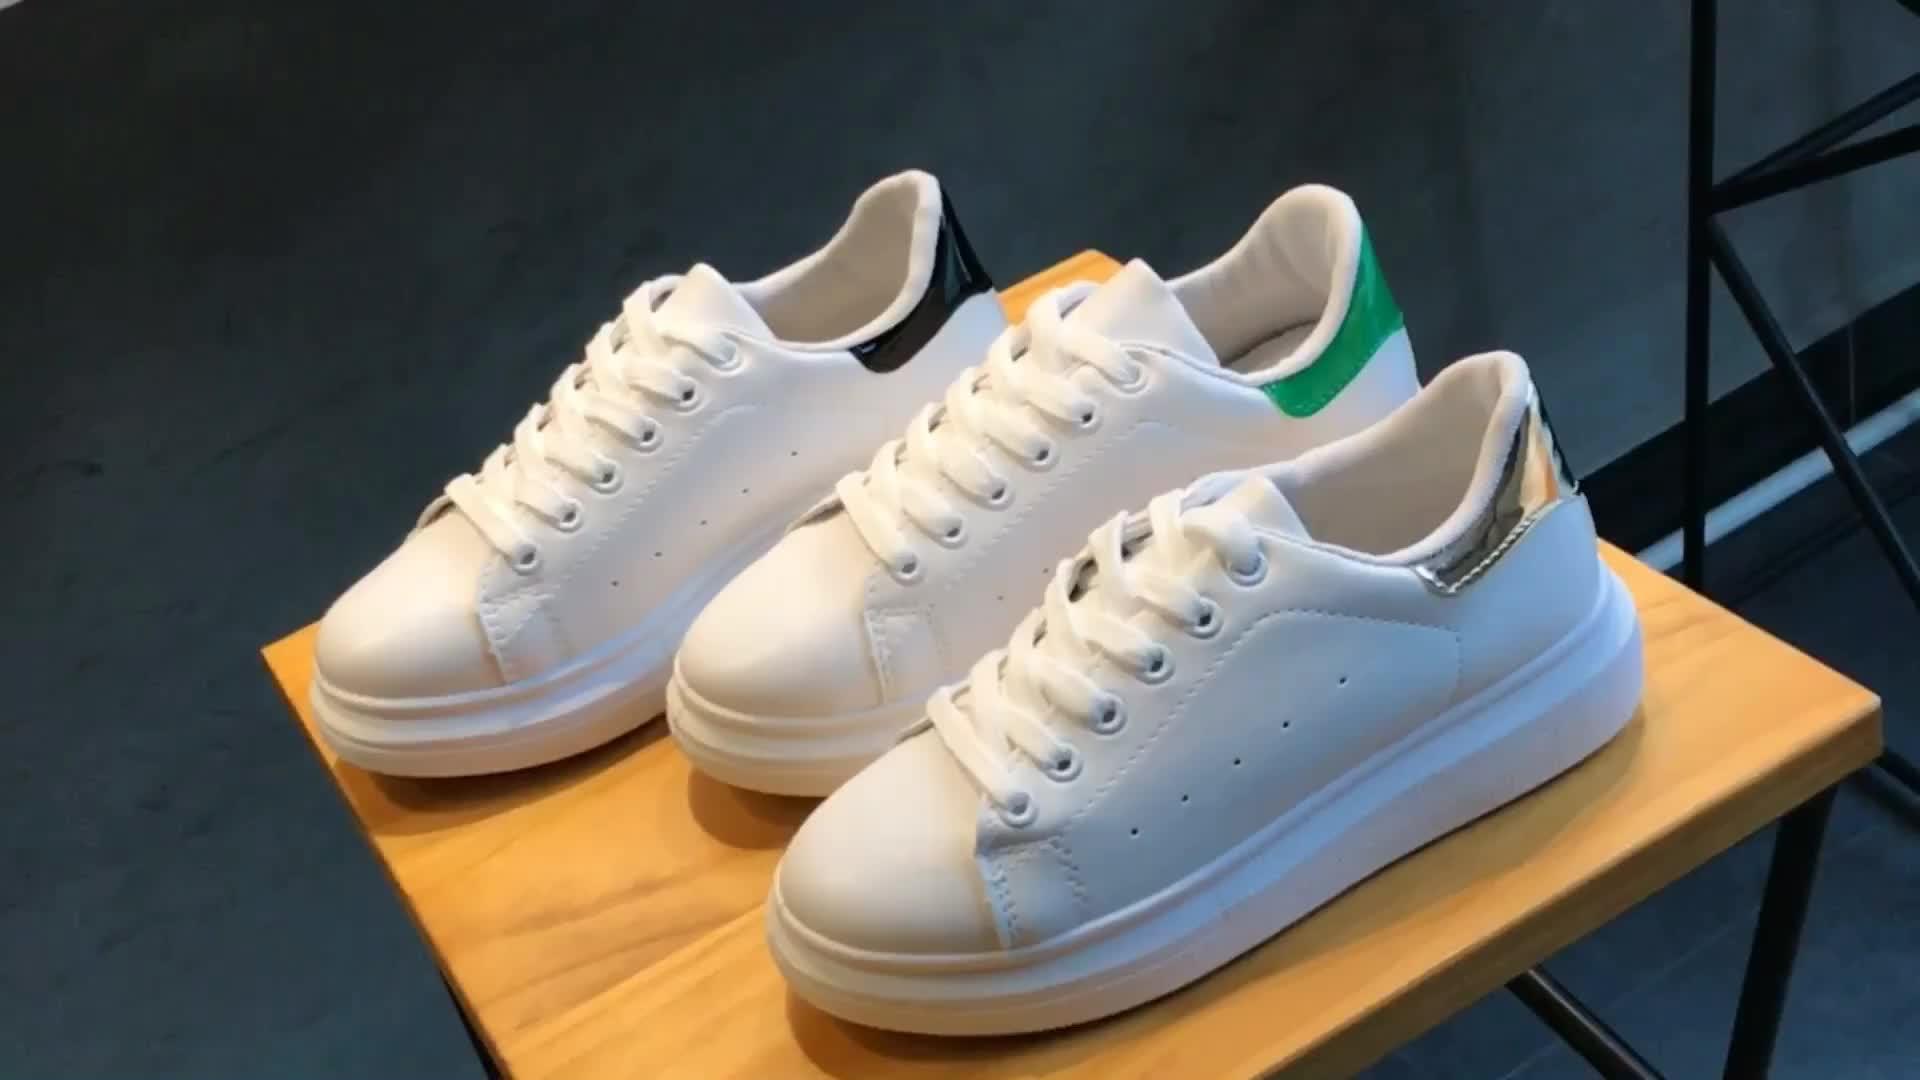 Китай Оптовая Самая низкая цена модная женская спортивная обувь на толстой подошве из искусственной кожи белые кроссовки повседневные